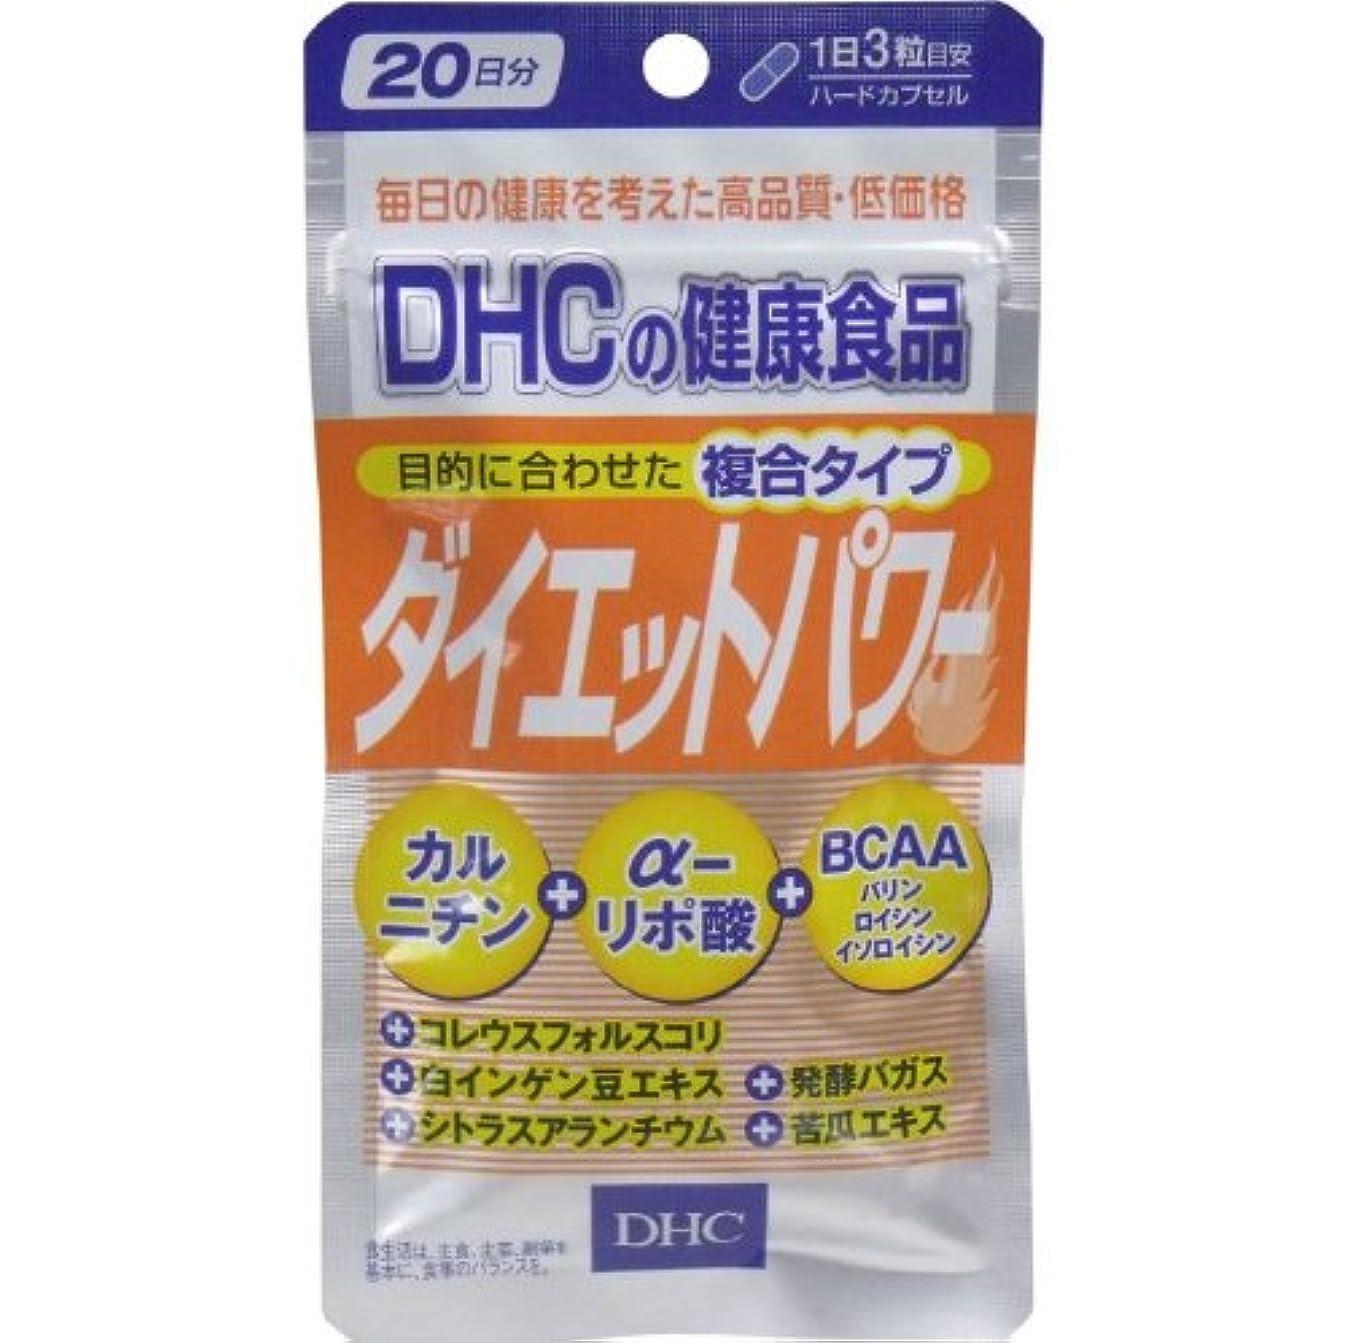 懺悔超音速弾丸DHC ダイエットパワー 60粒入 20日分「2点セット」